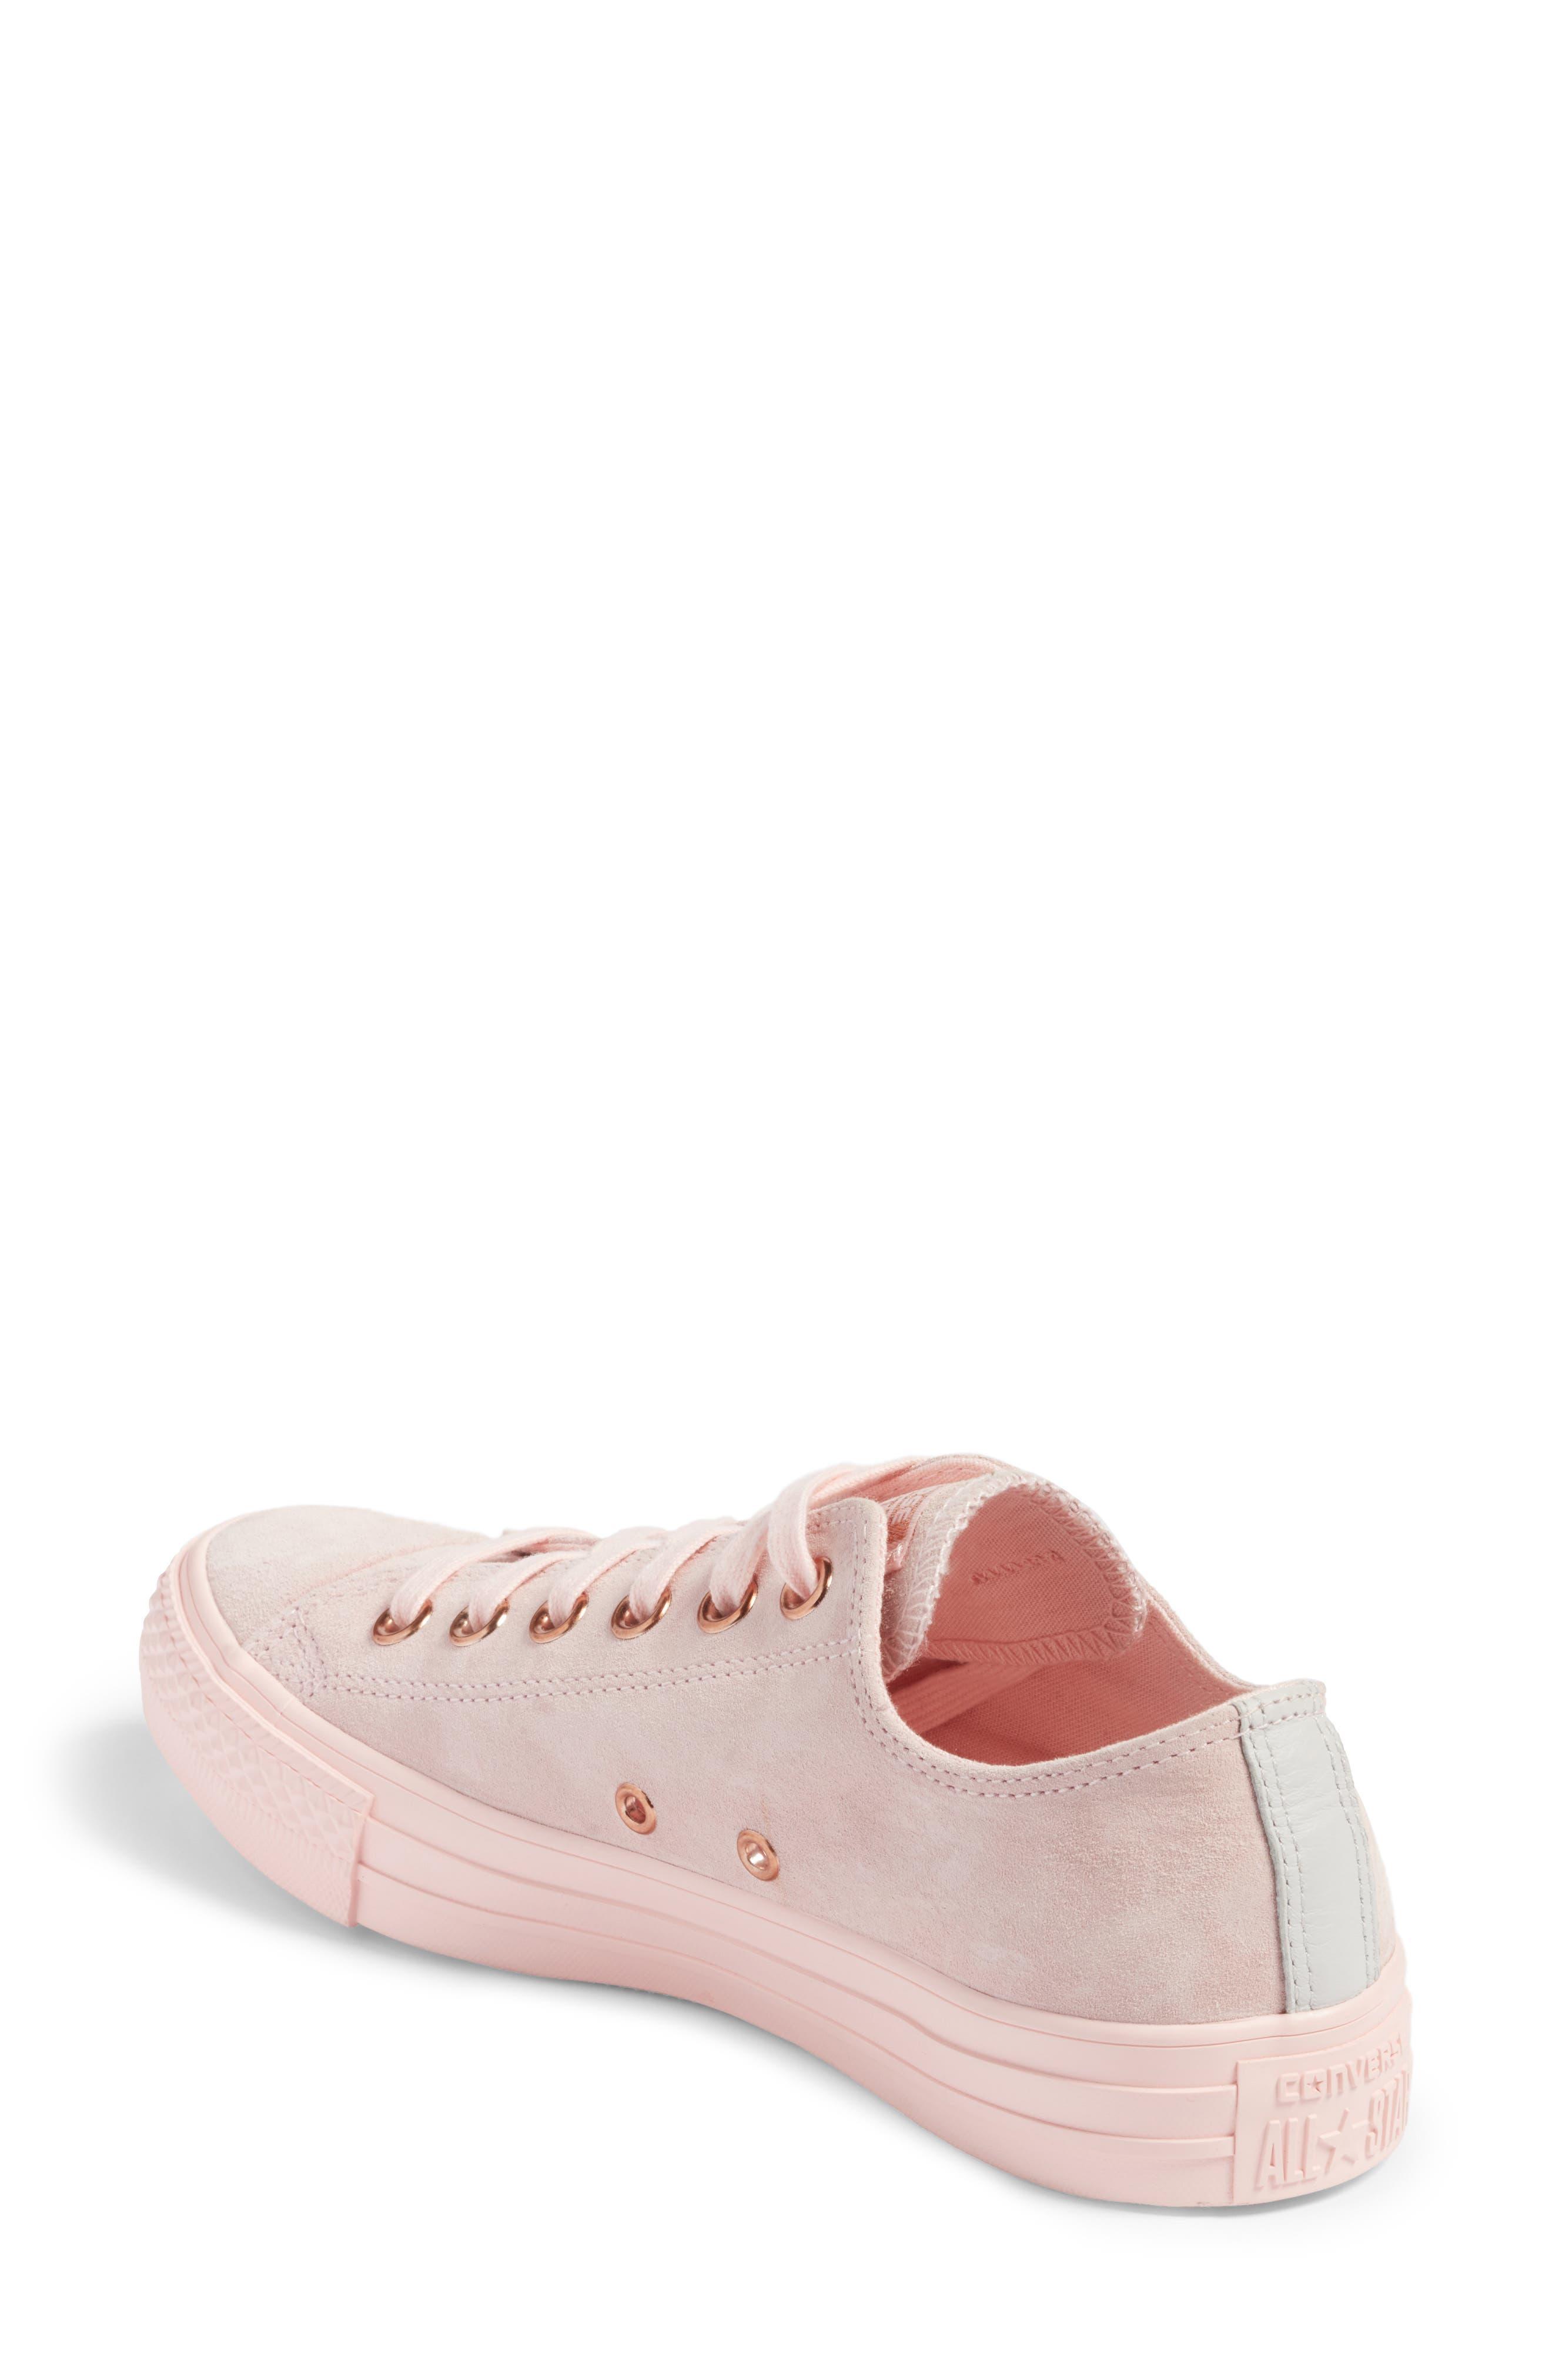 Blossom Sneaker,                             Alternate thumbnail 3, color,                             Vapor Pink